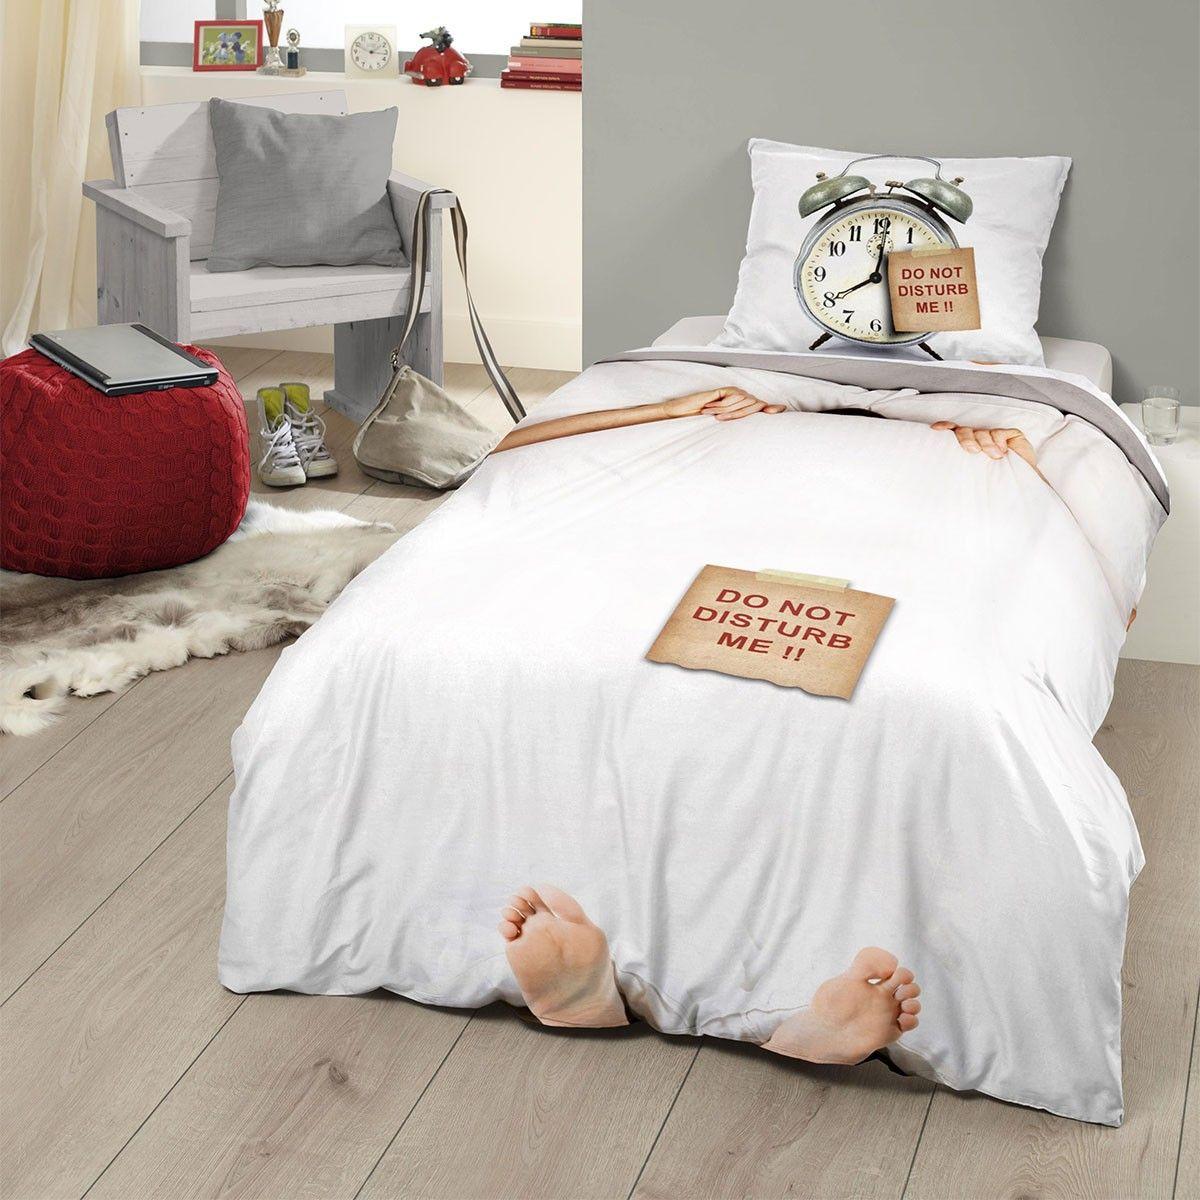 Good Morning Renforce Bettwasche Disturb Aus Reiner Baumwolle Wer